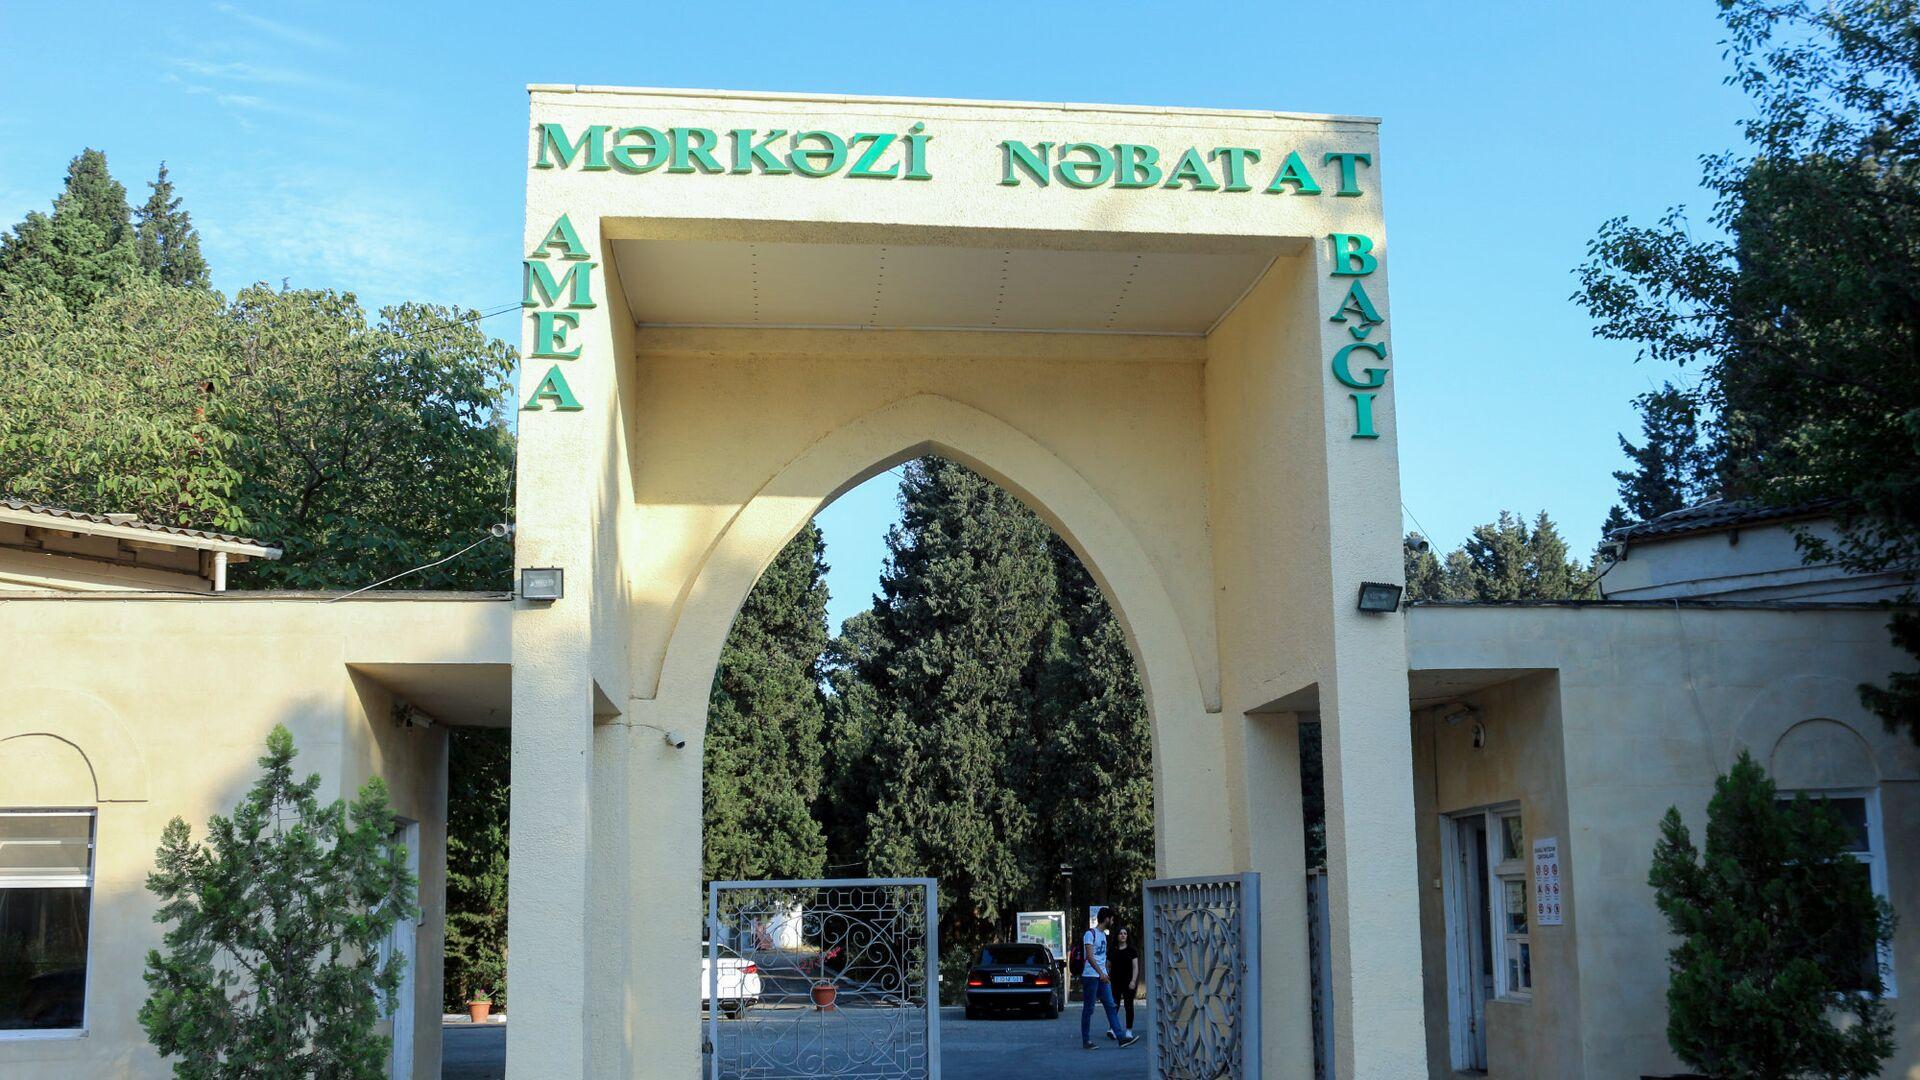 Mərkəzi Nəbatat Bağı - Sputnik Azərbaycan, 1920, 01.10.2021